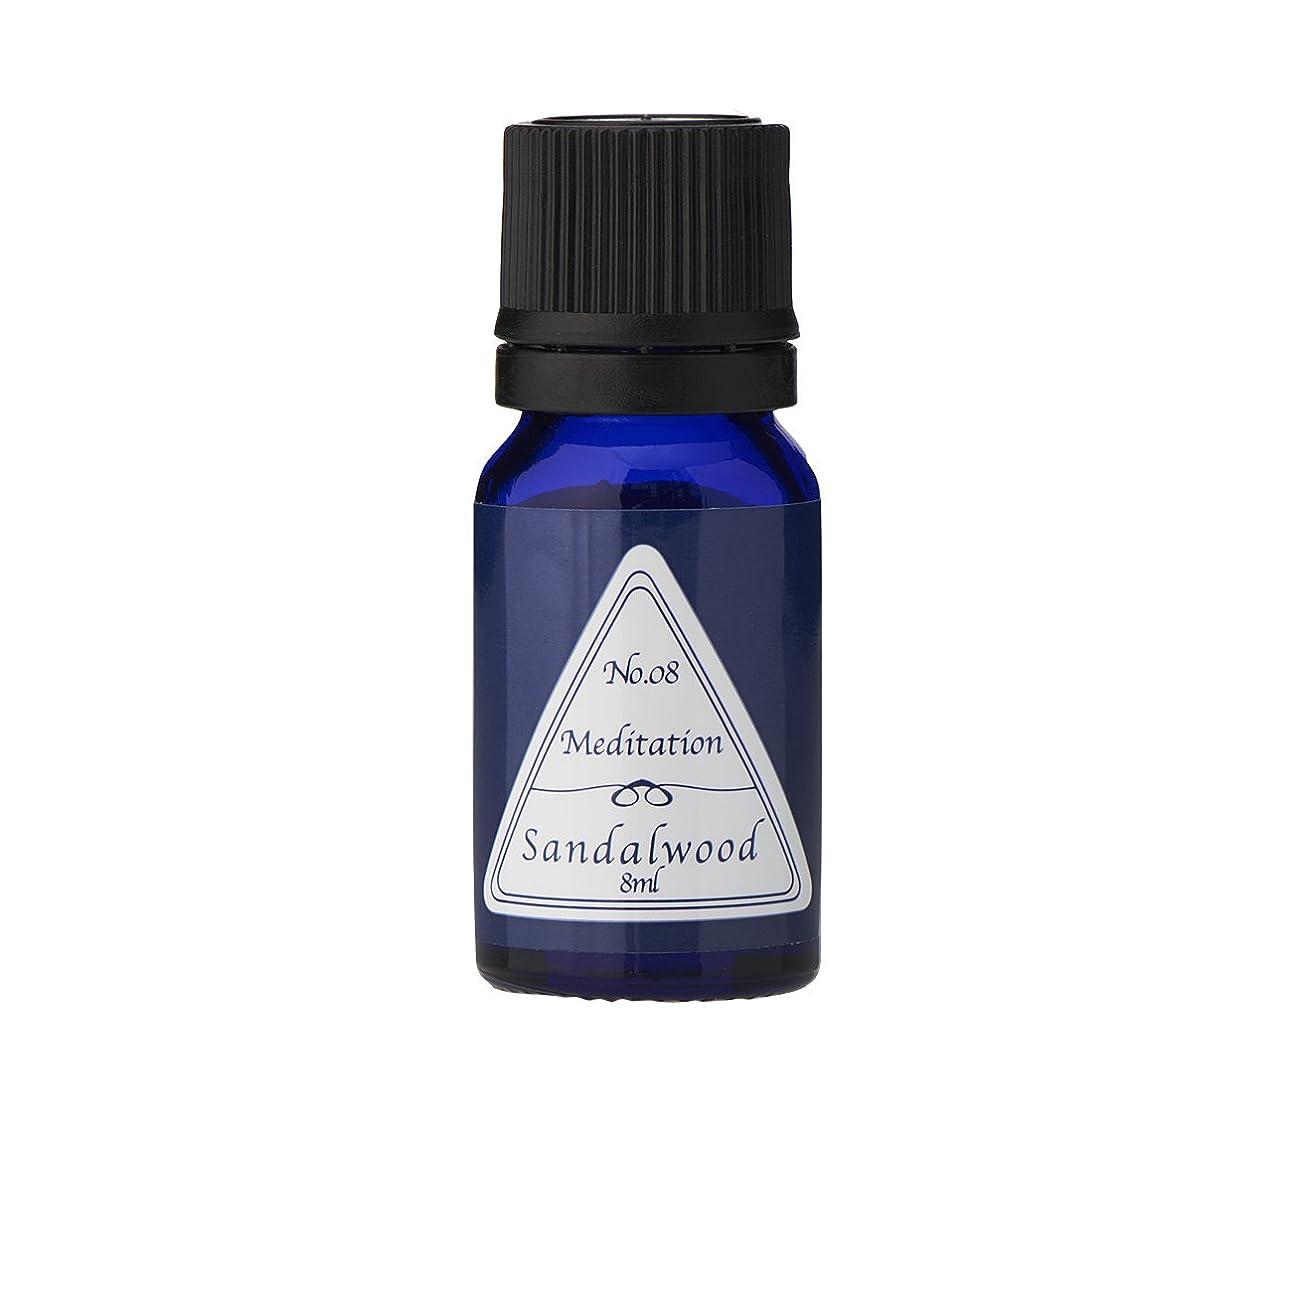 ピストルバインド悪性のブルーラベル アロマエッセンス8ml サンダルウッド(アロマオイル 調合香料 芳香用)